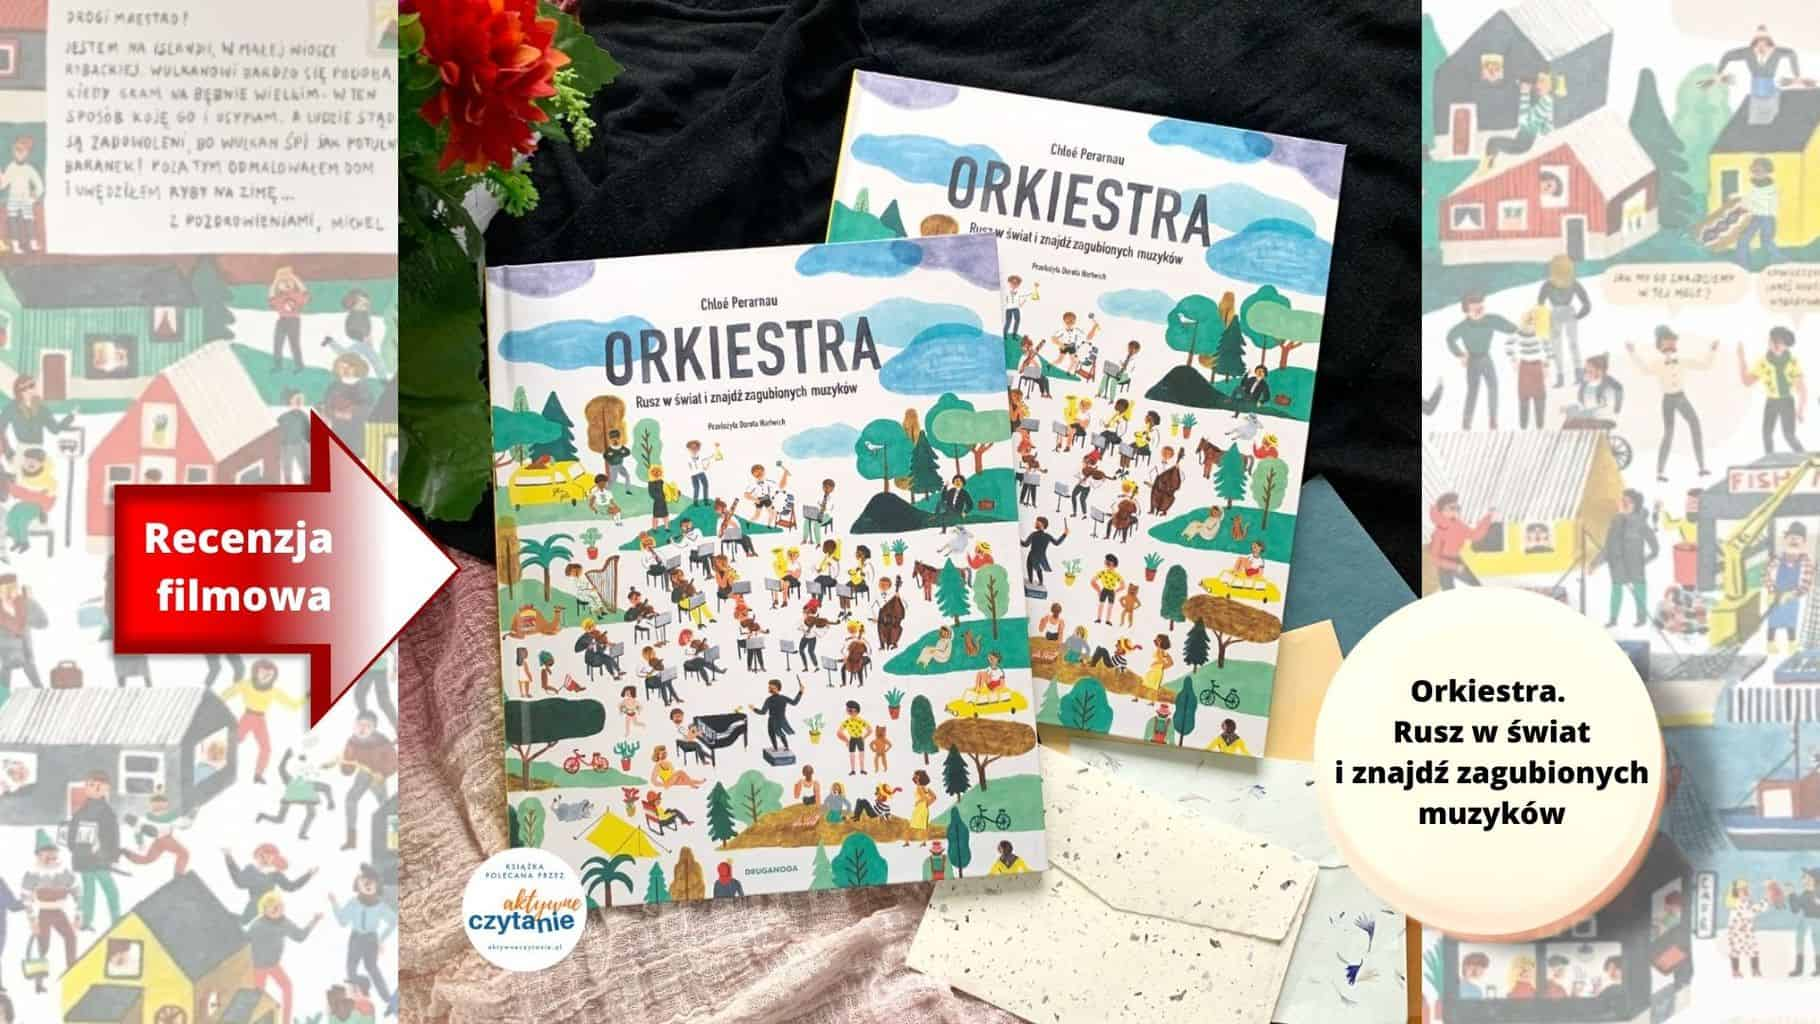 ksiazka wyszukiwanka orkiestra rusz wswiat ksiazki dla dzieci